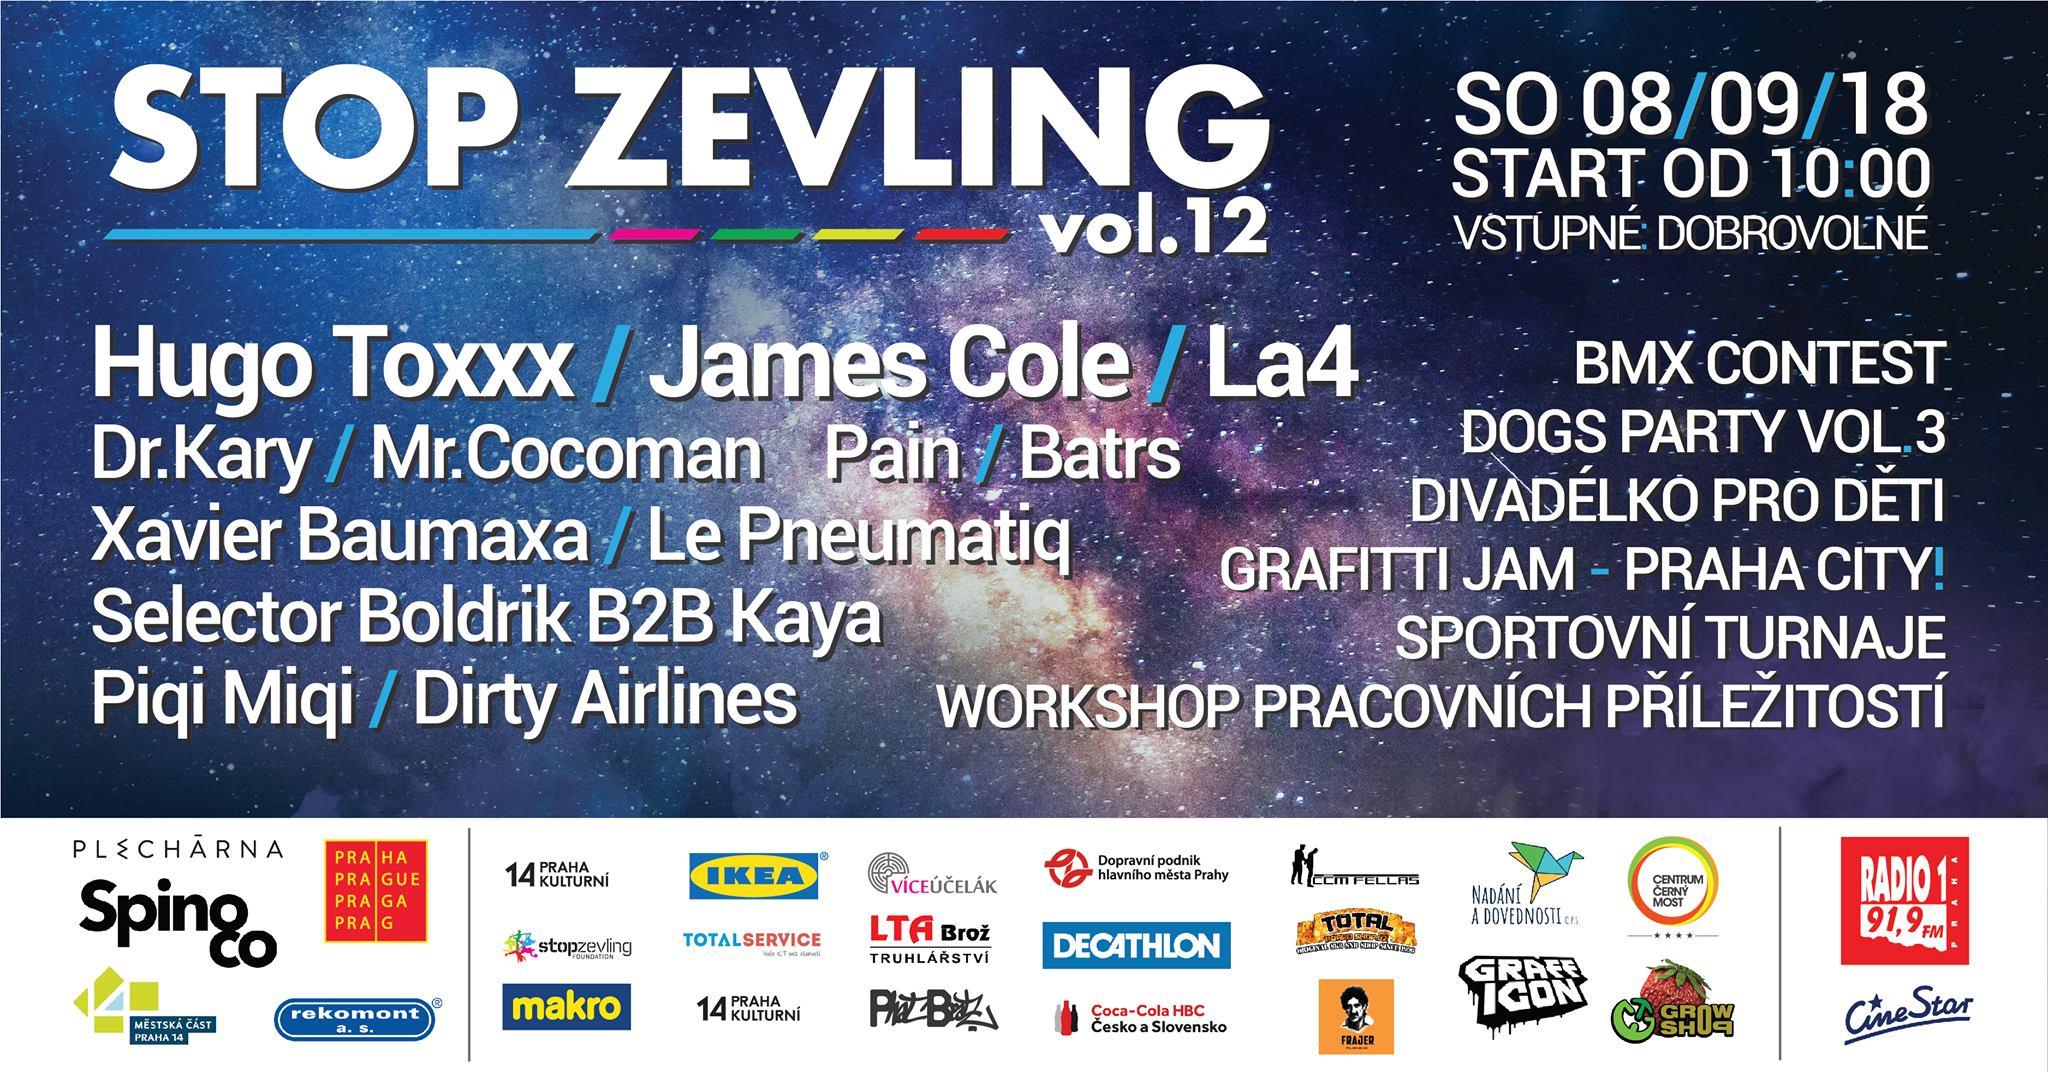 STOP ZEVLING vol. 12